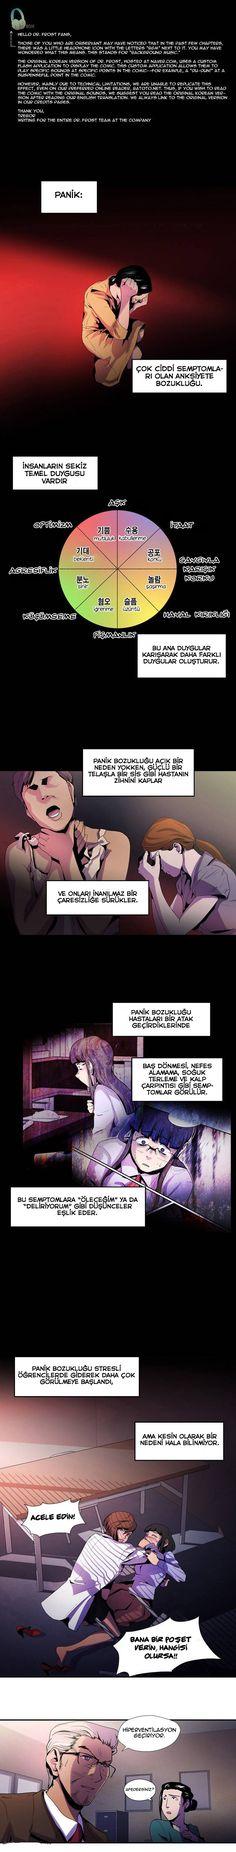 Dr. Frost 21. Bölüm Oku | Manga Oku | Manga | Mangatr | Manga tr | Manga Okuma Şeyşi